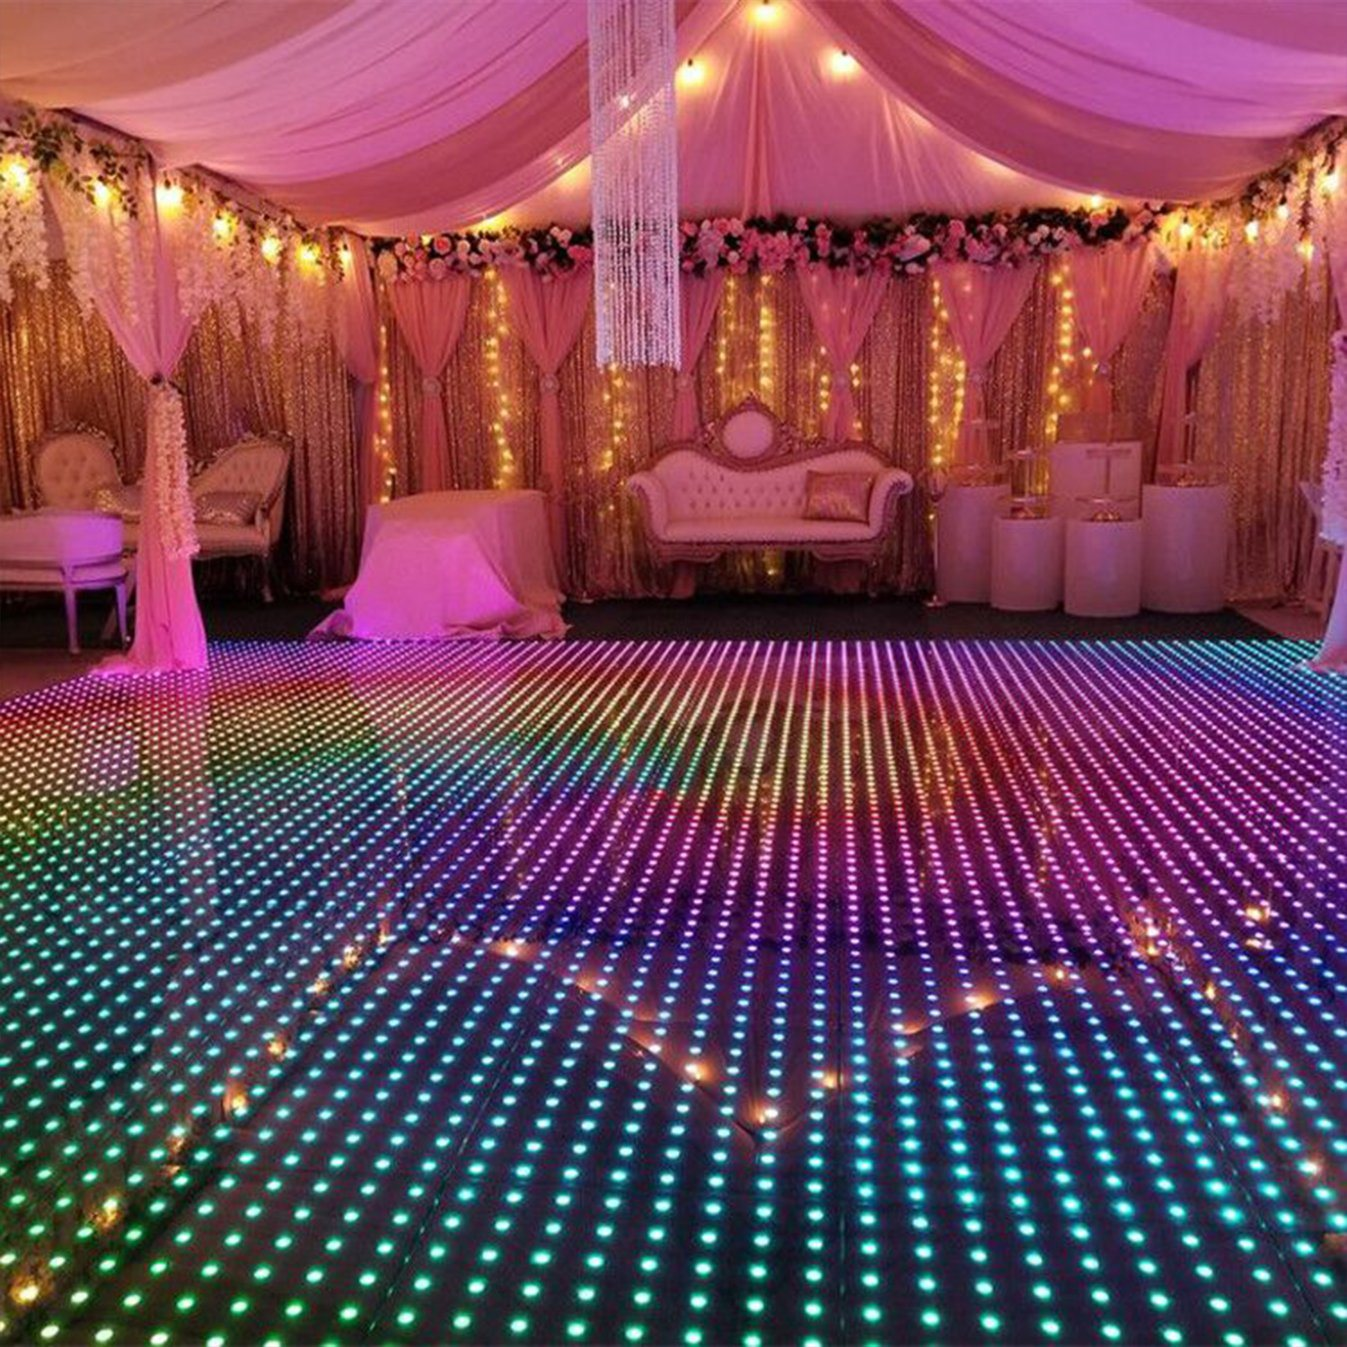 DJ マグネットフルセクシービデオ LED フロアタイル用プラットフォーム 販売